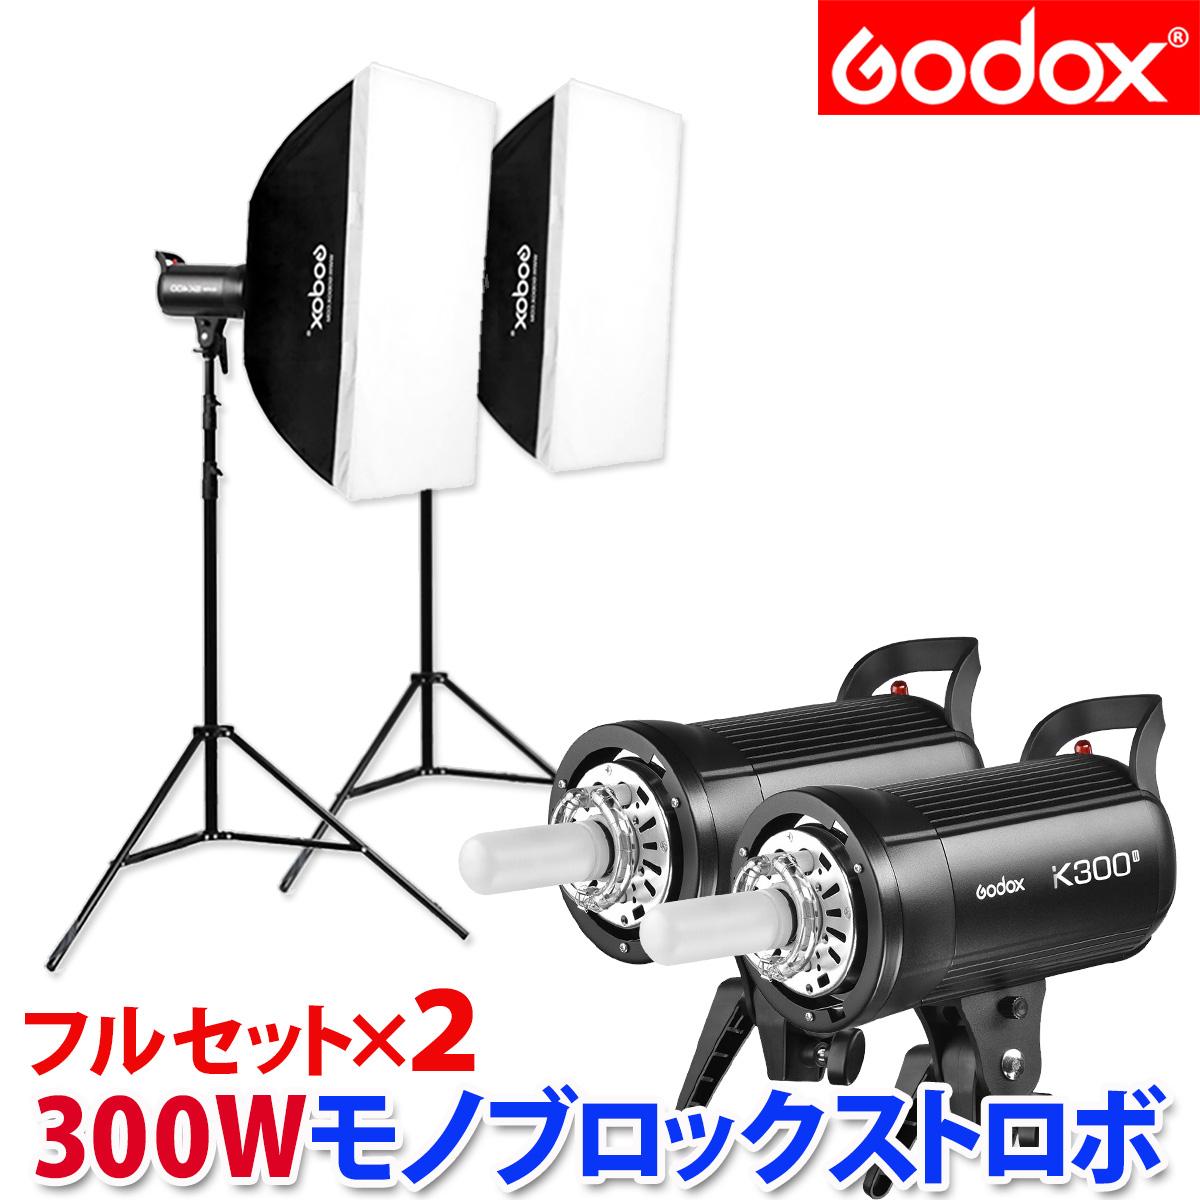 【週末限定価額】 撮影照明 300Wストロボ 【GODOXフル2灯セット】 写真撮影 照明機材キットモノブロックストロボ ソフトボックス付■148